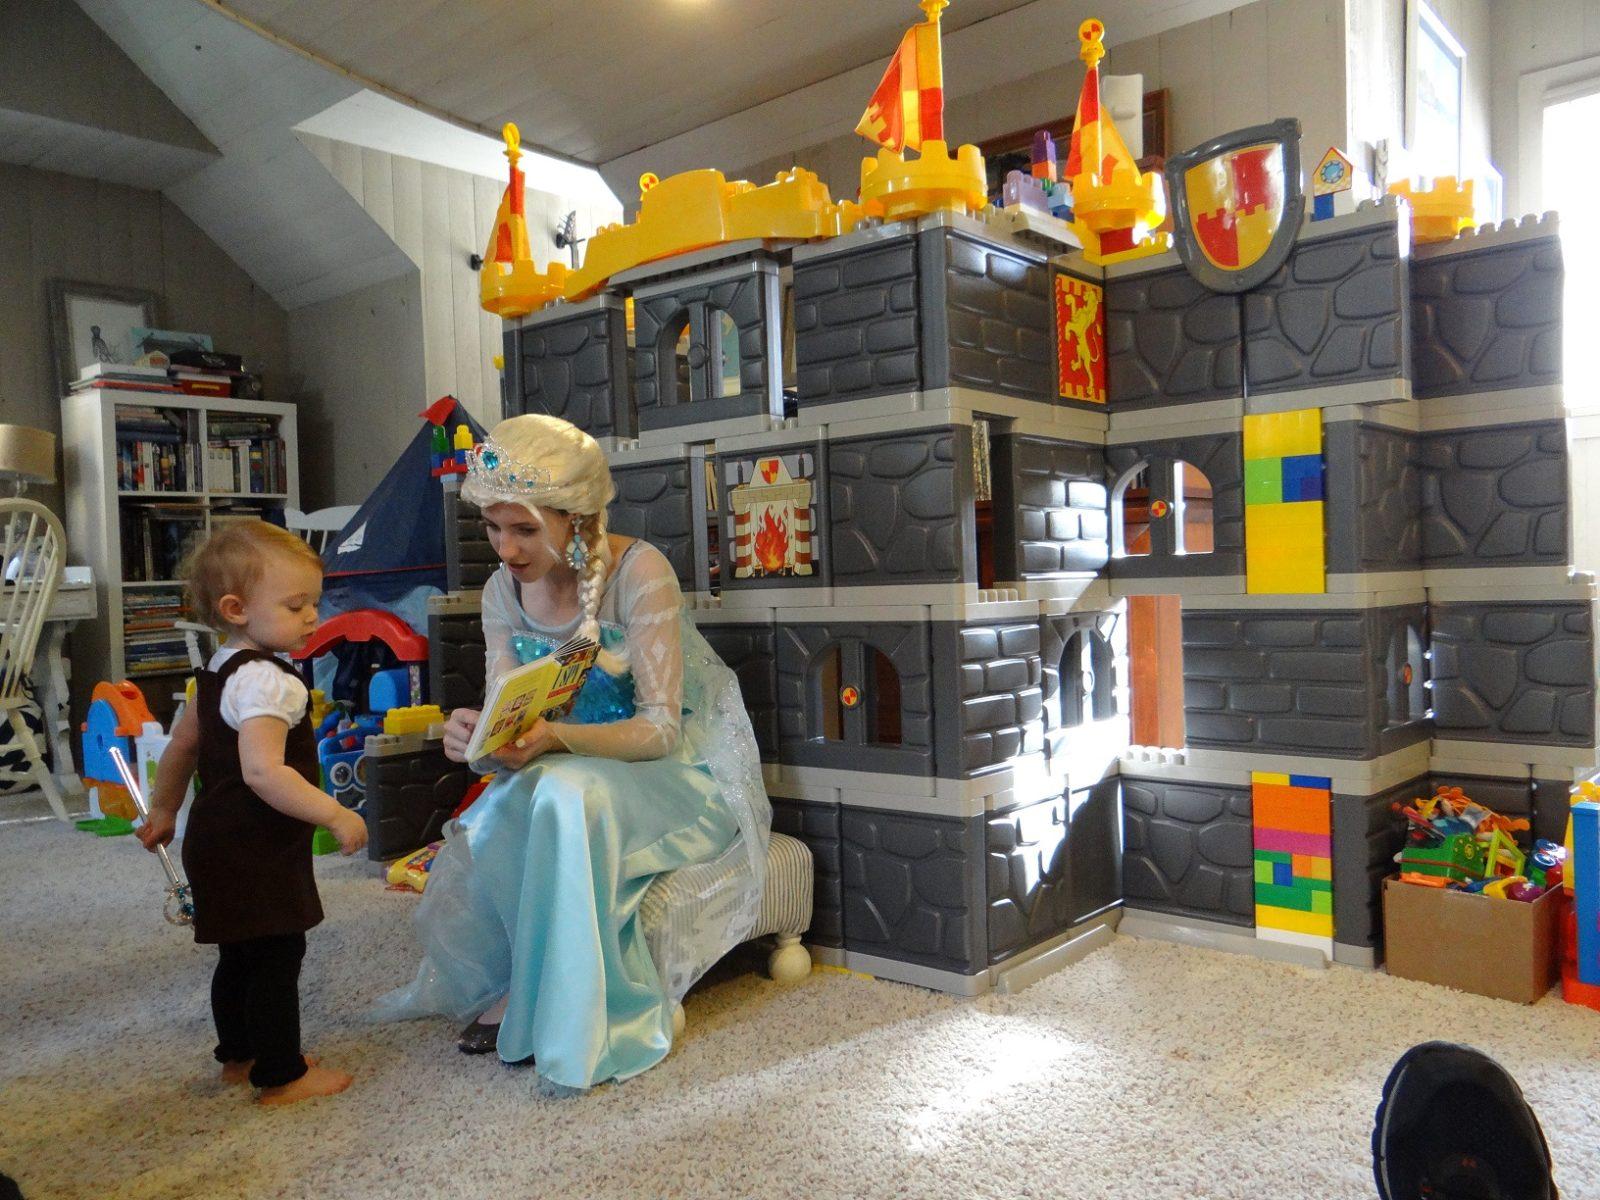 Frozen Princess Elsa visits Castle